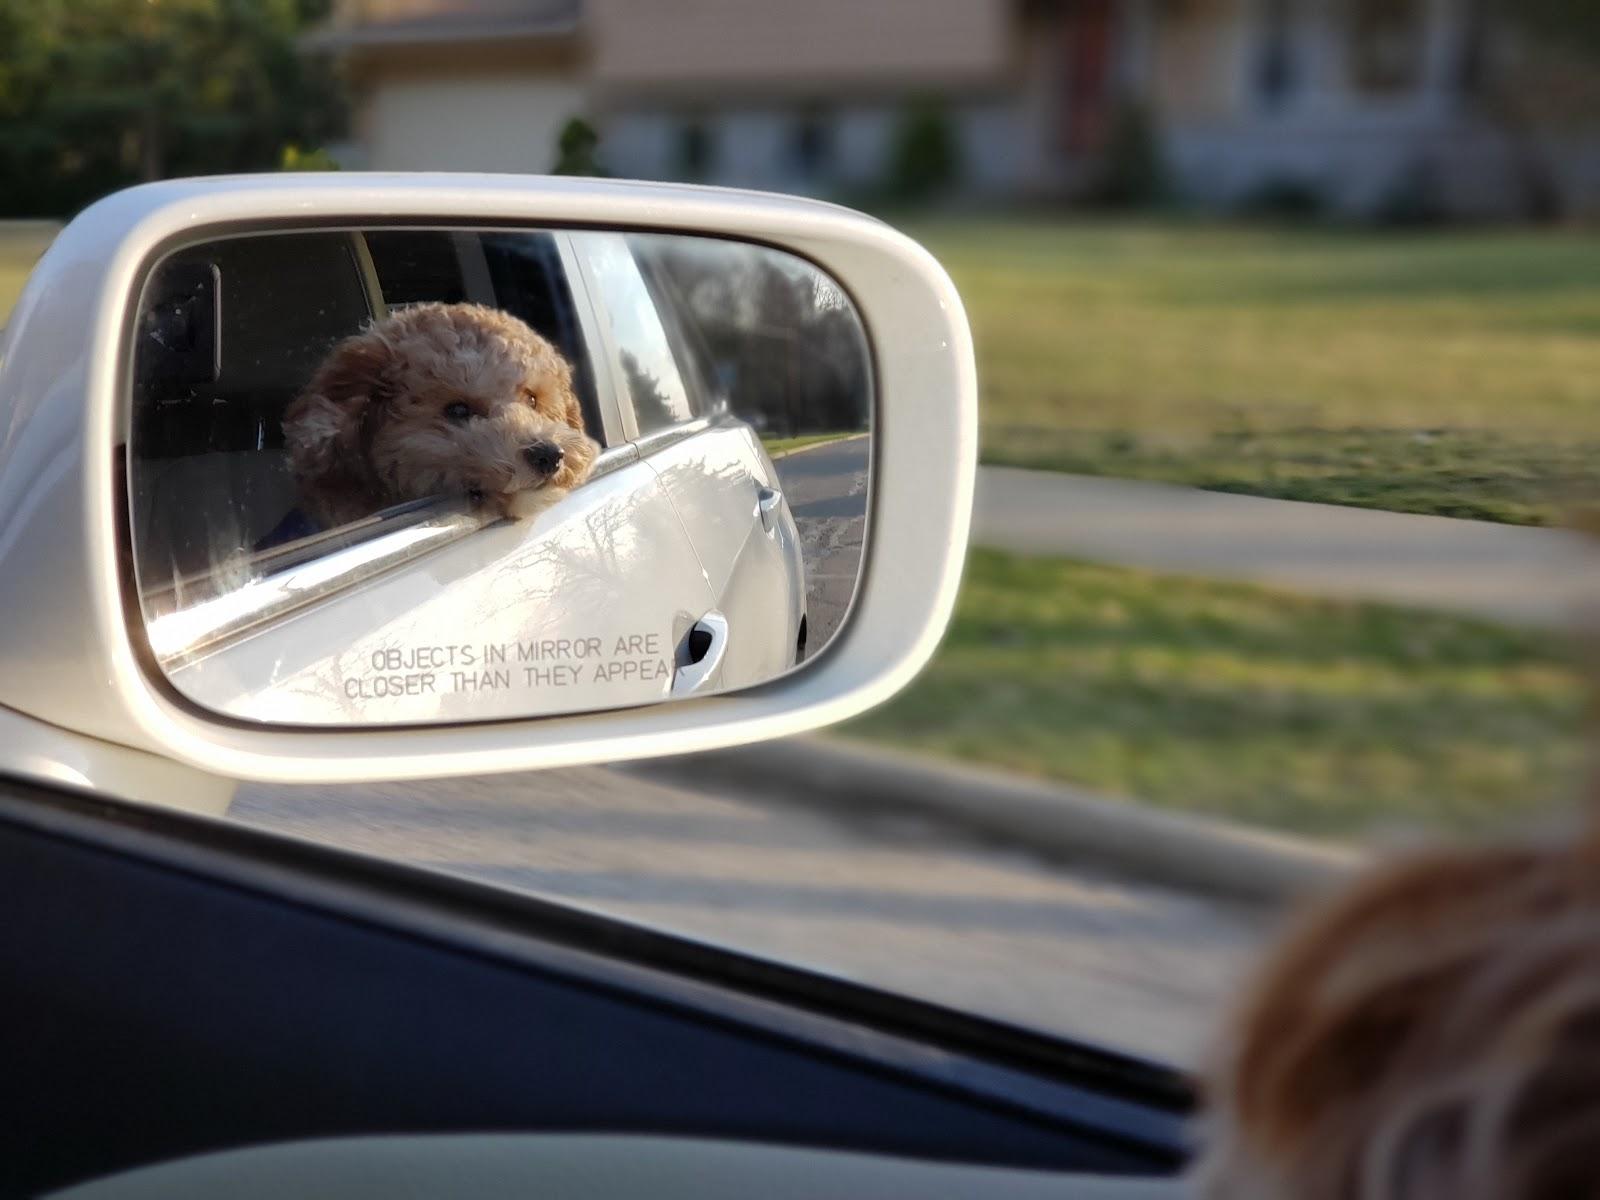 Cachorro apoiando foucinho na janela do carro em frente ao retrovisor em uma corrida Uber e 99